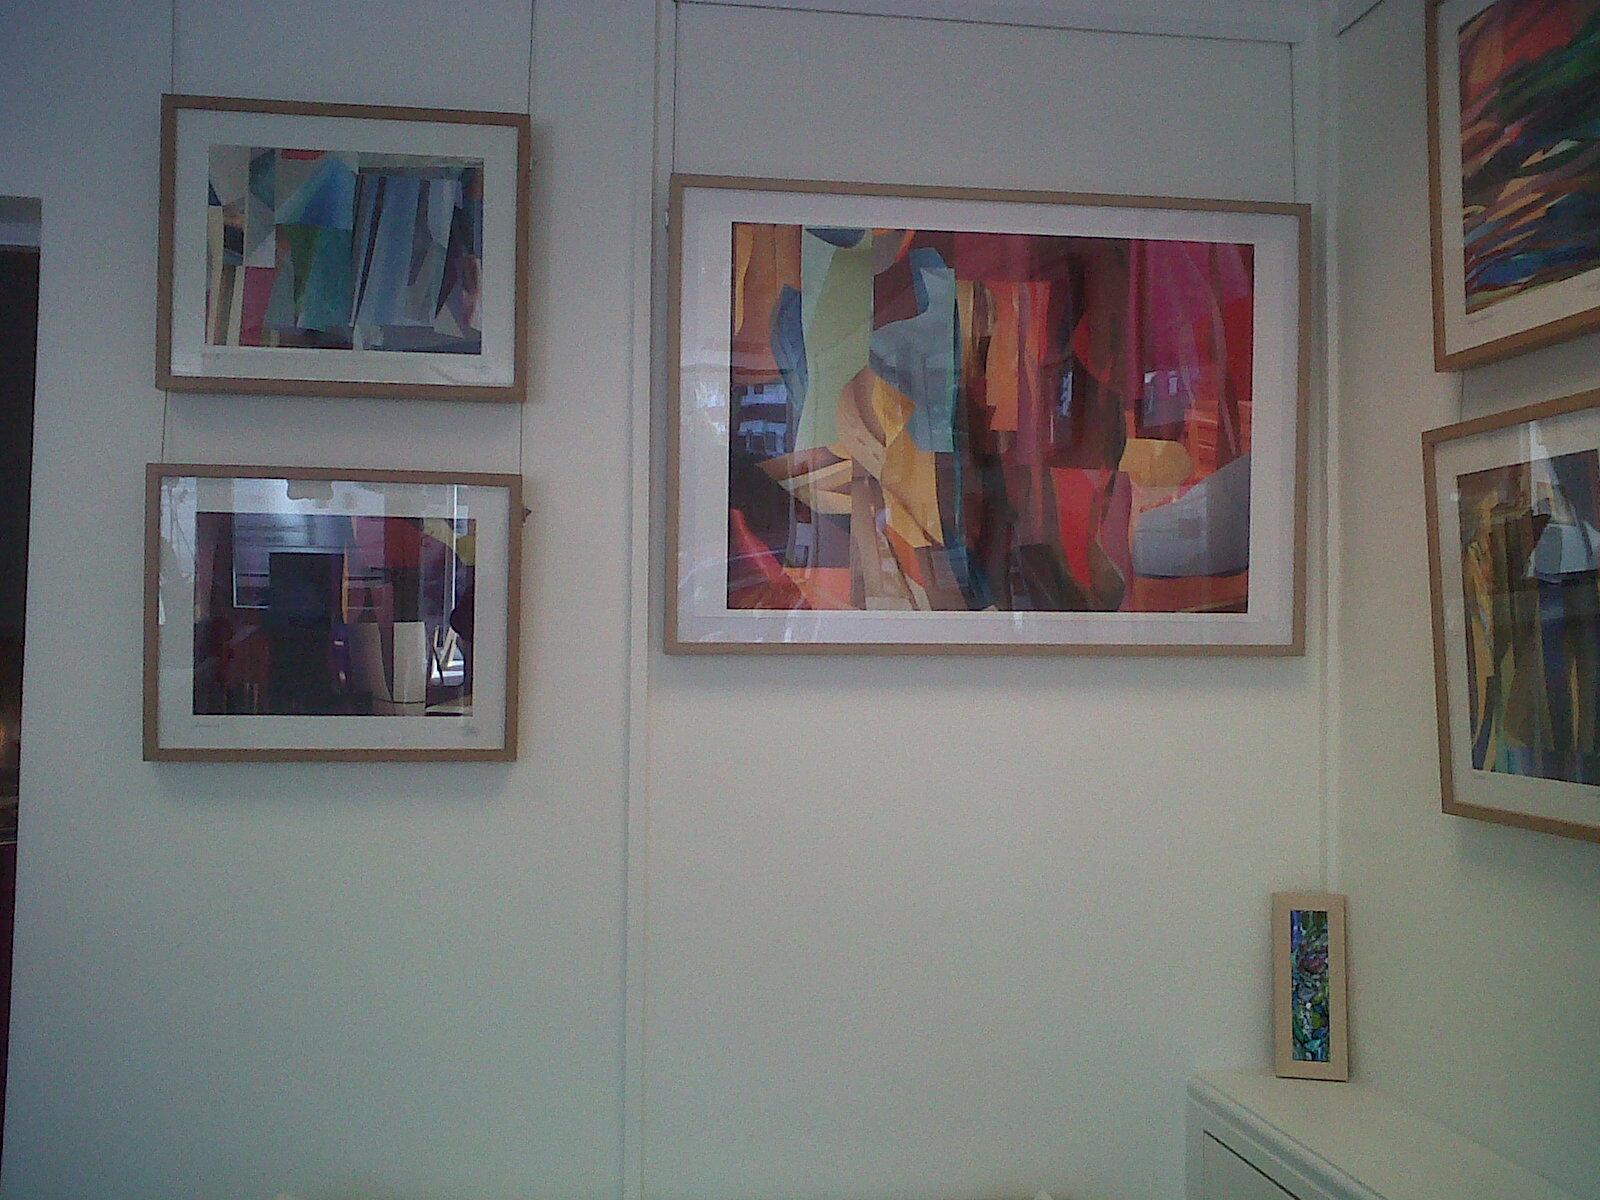 xf exhibition 2014